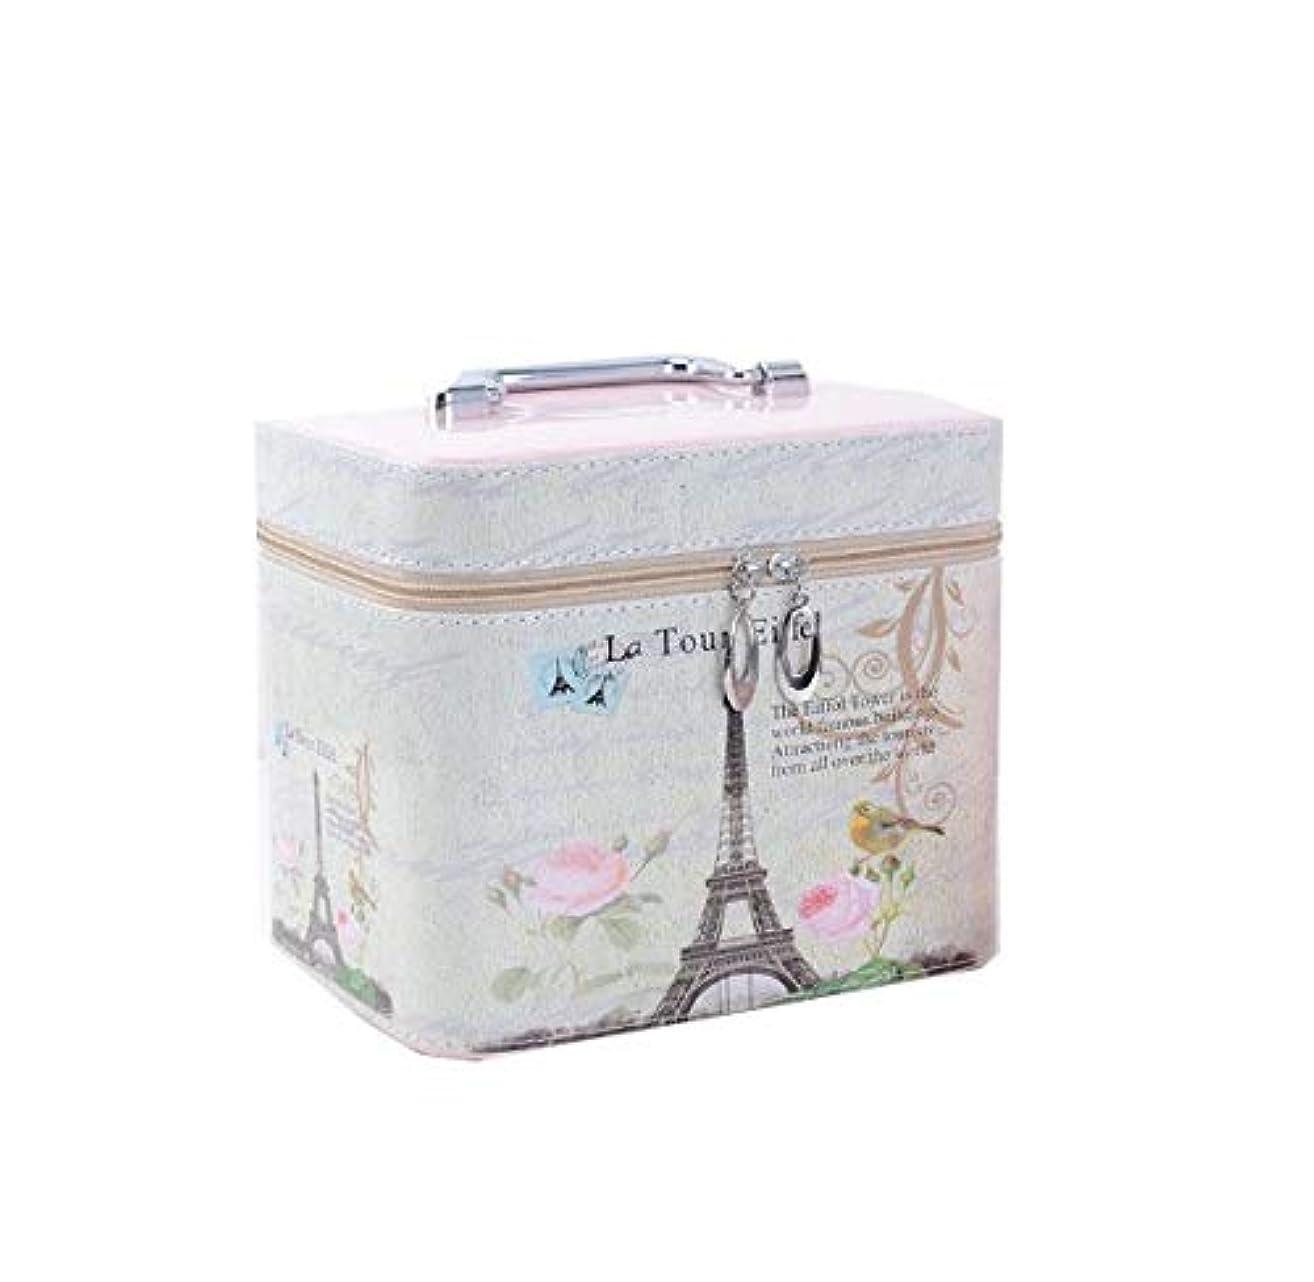 噴水保証金保持化粧箱、ハイエンド大容量エッフェル塔、凱旋門化粧品ケース、ポータブルトラベル化粧品ケース、ミラー付き美容ネイルジュエリー収納ボックス (Design : 1#, Size : L)